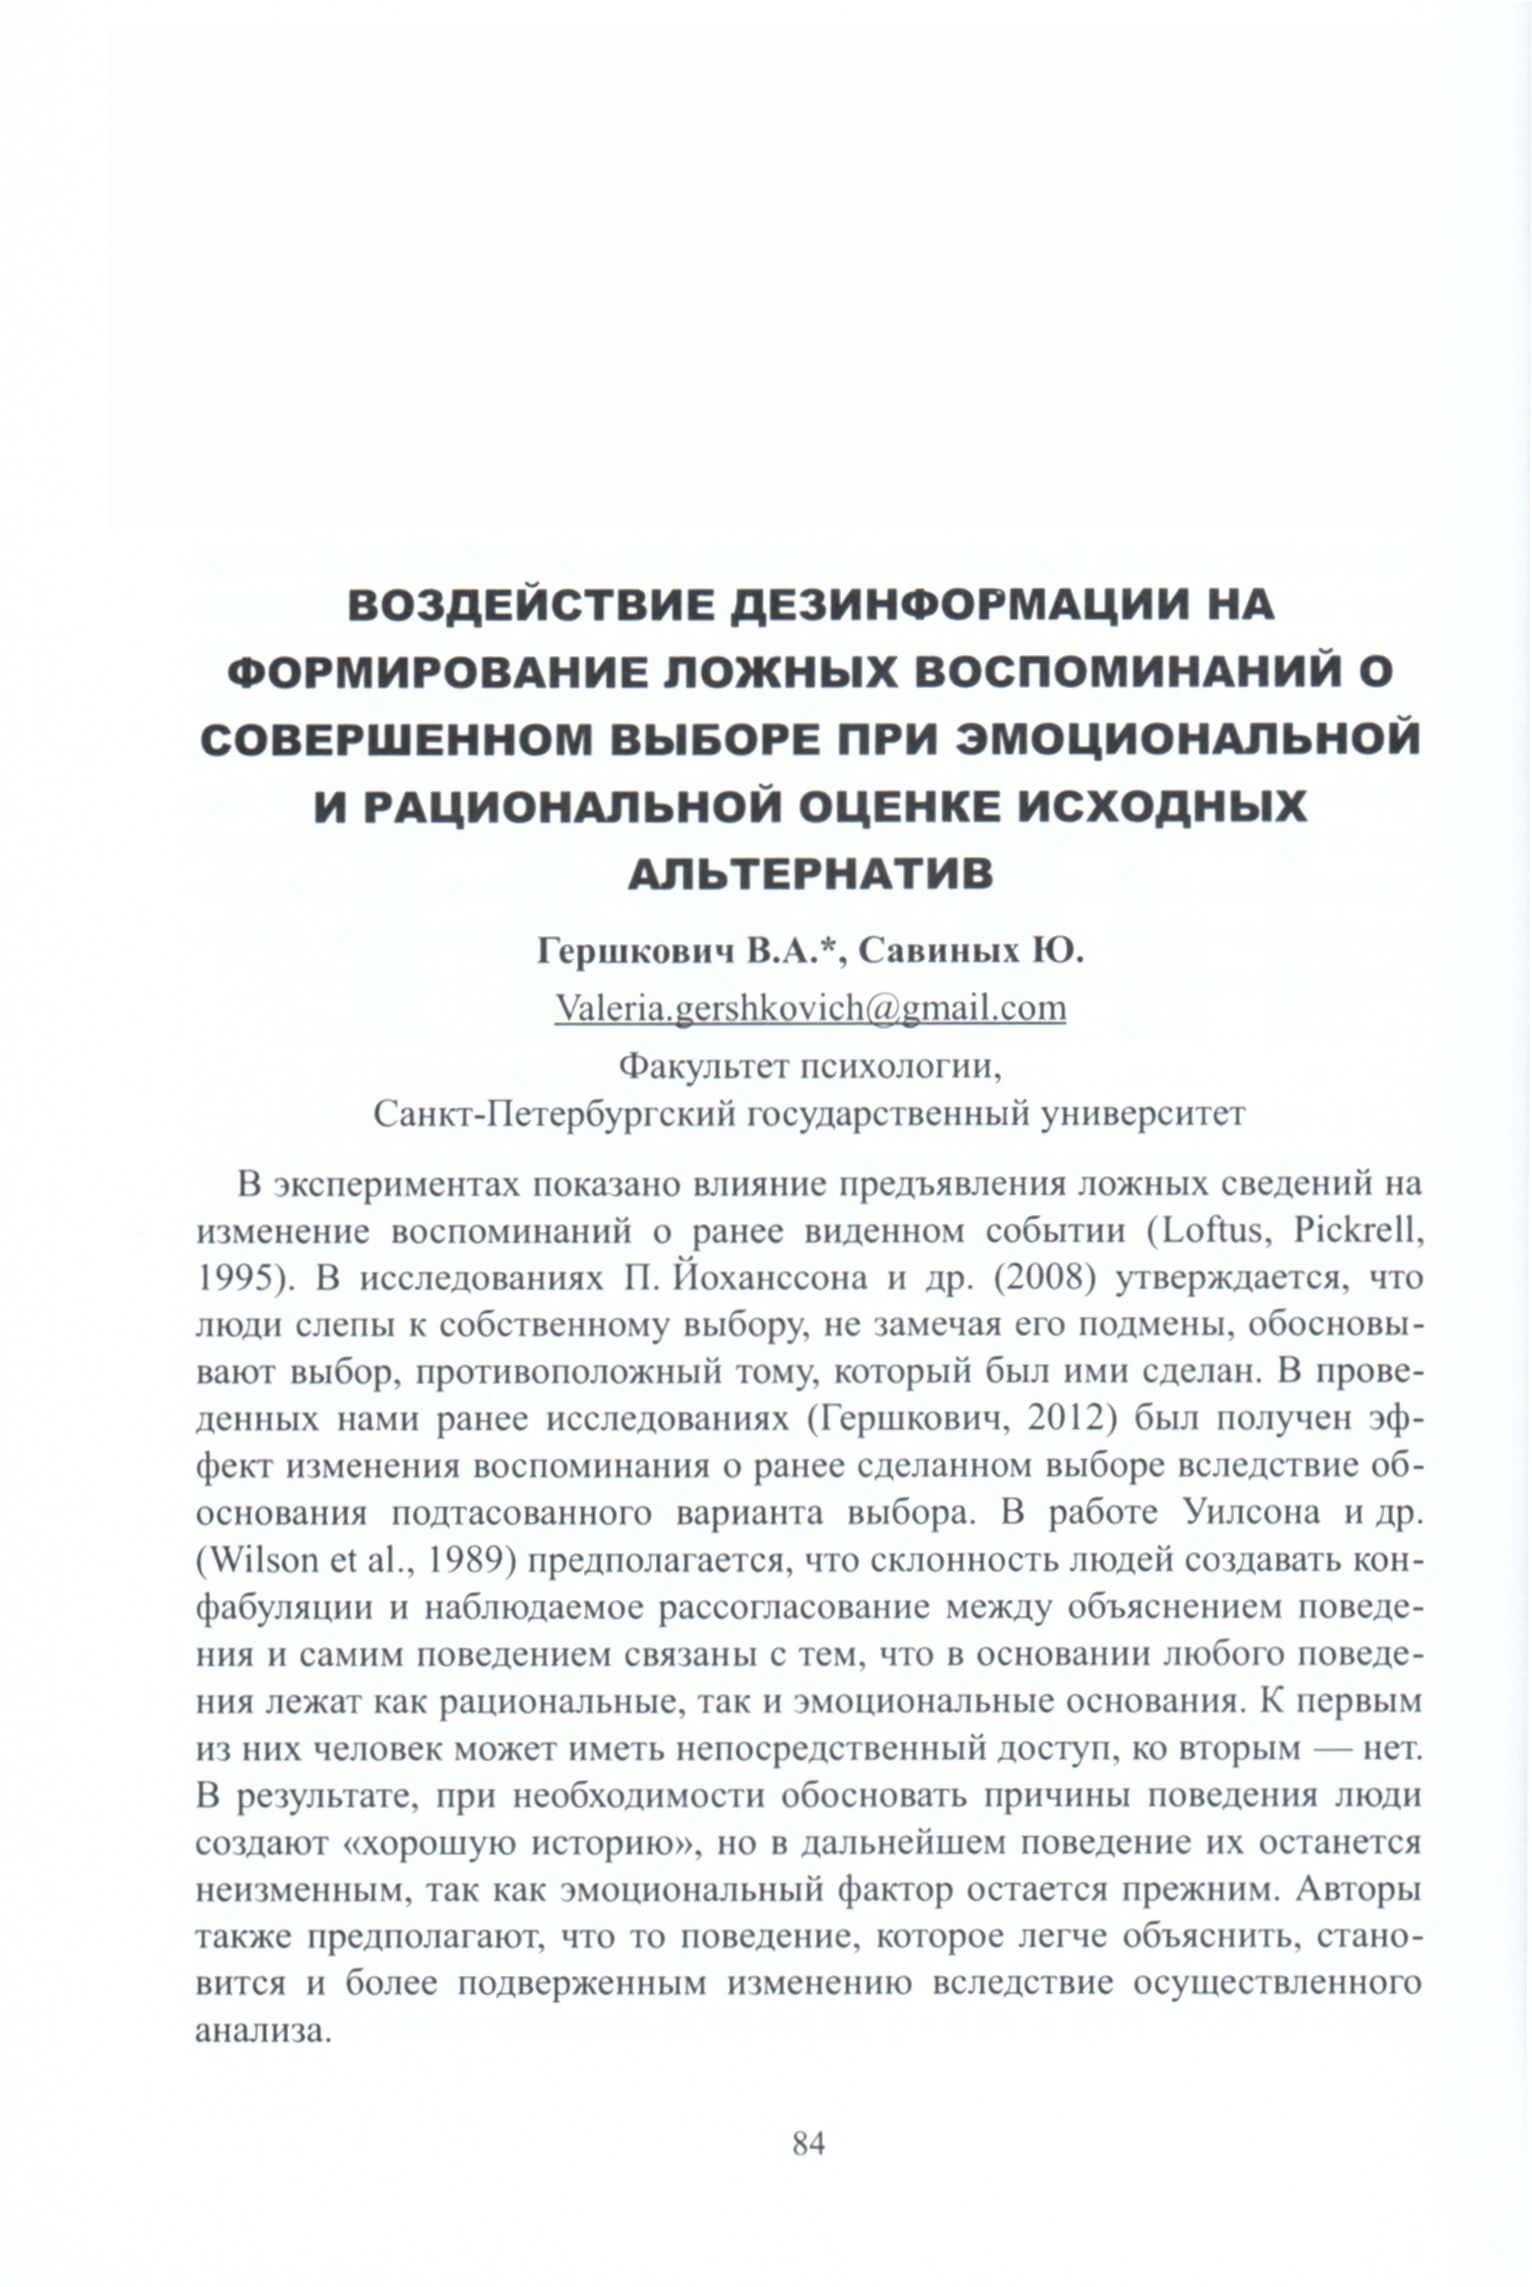 тезисы Гершкович_Савиных (1)-2